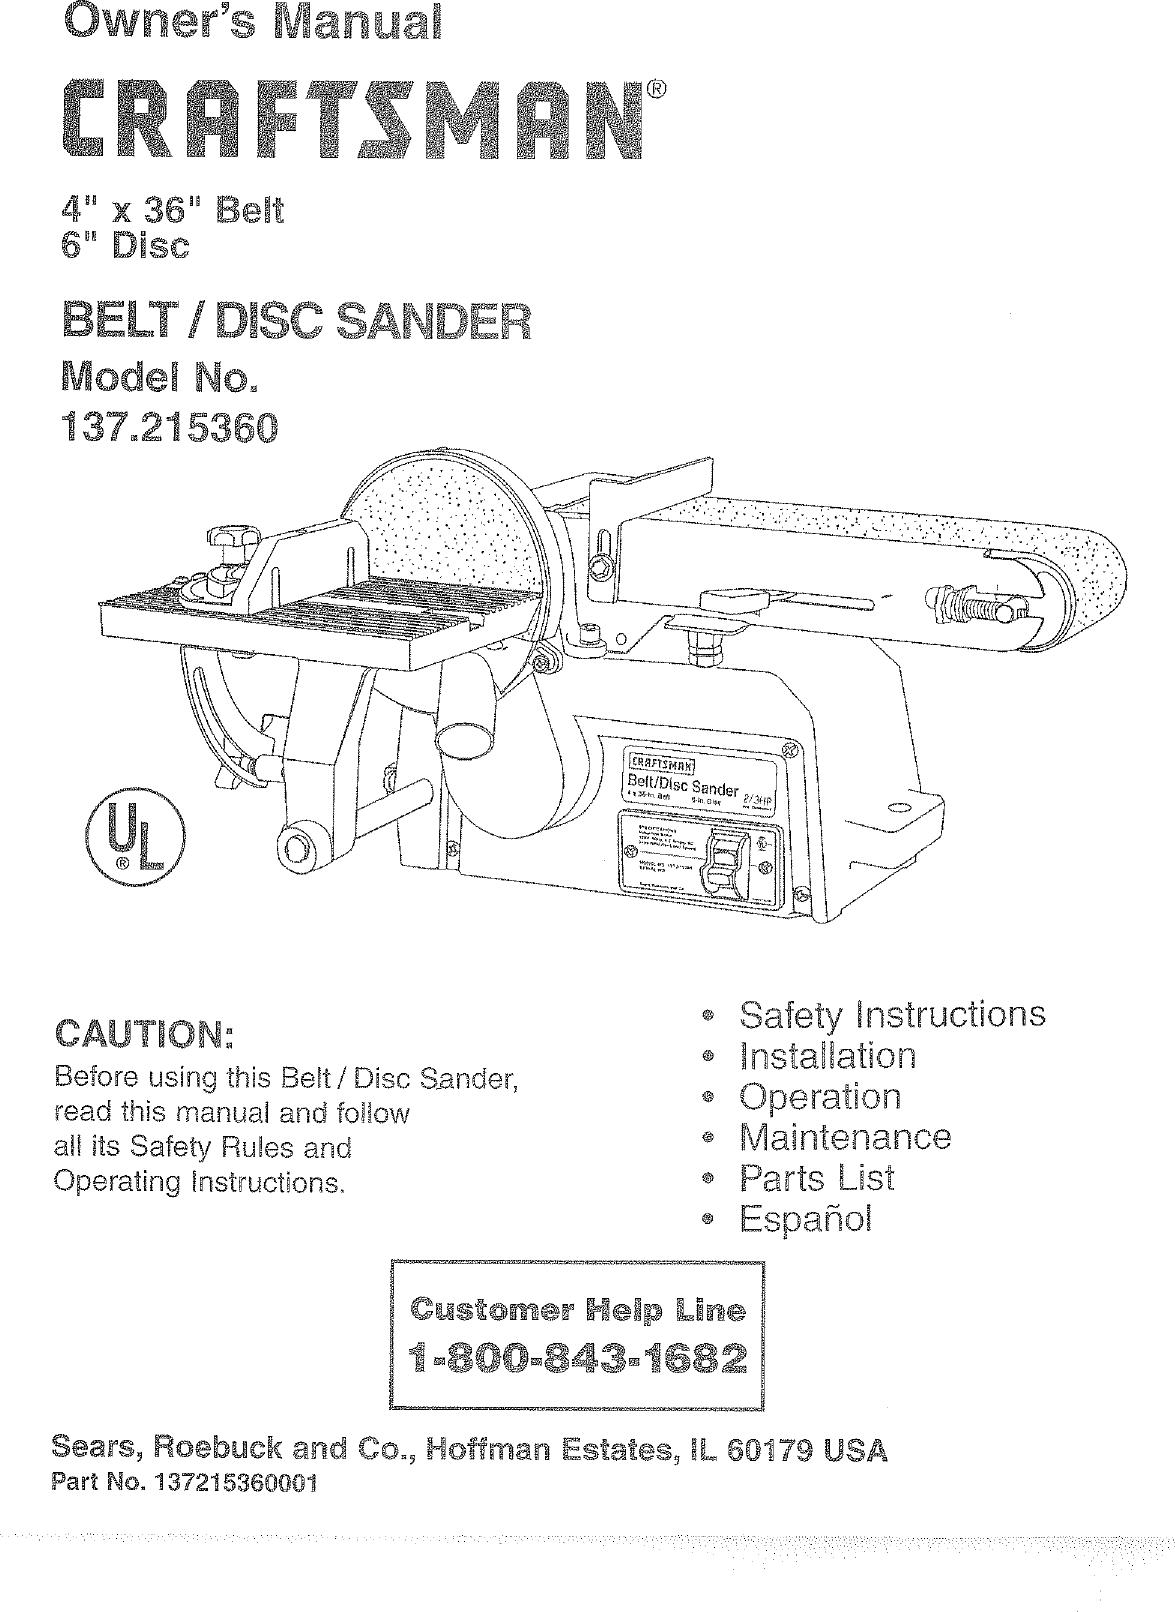 Serpentine Belt Manual Guide